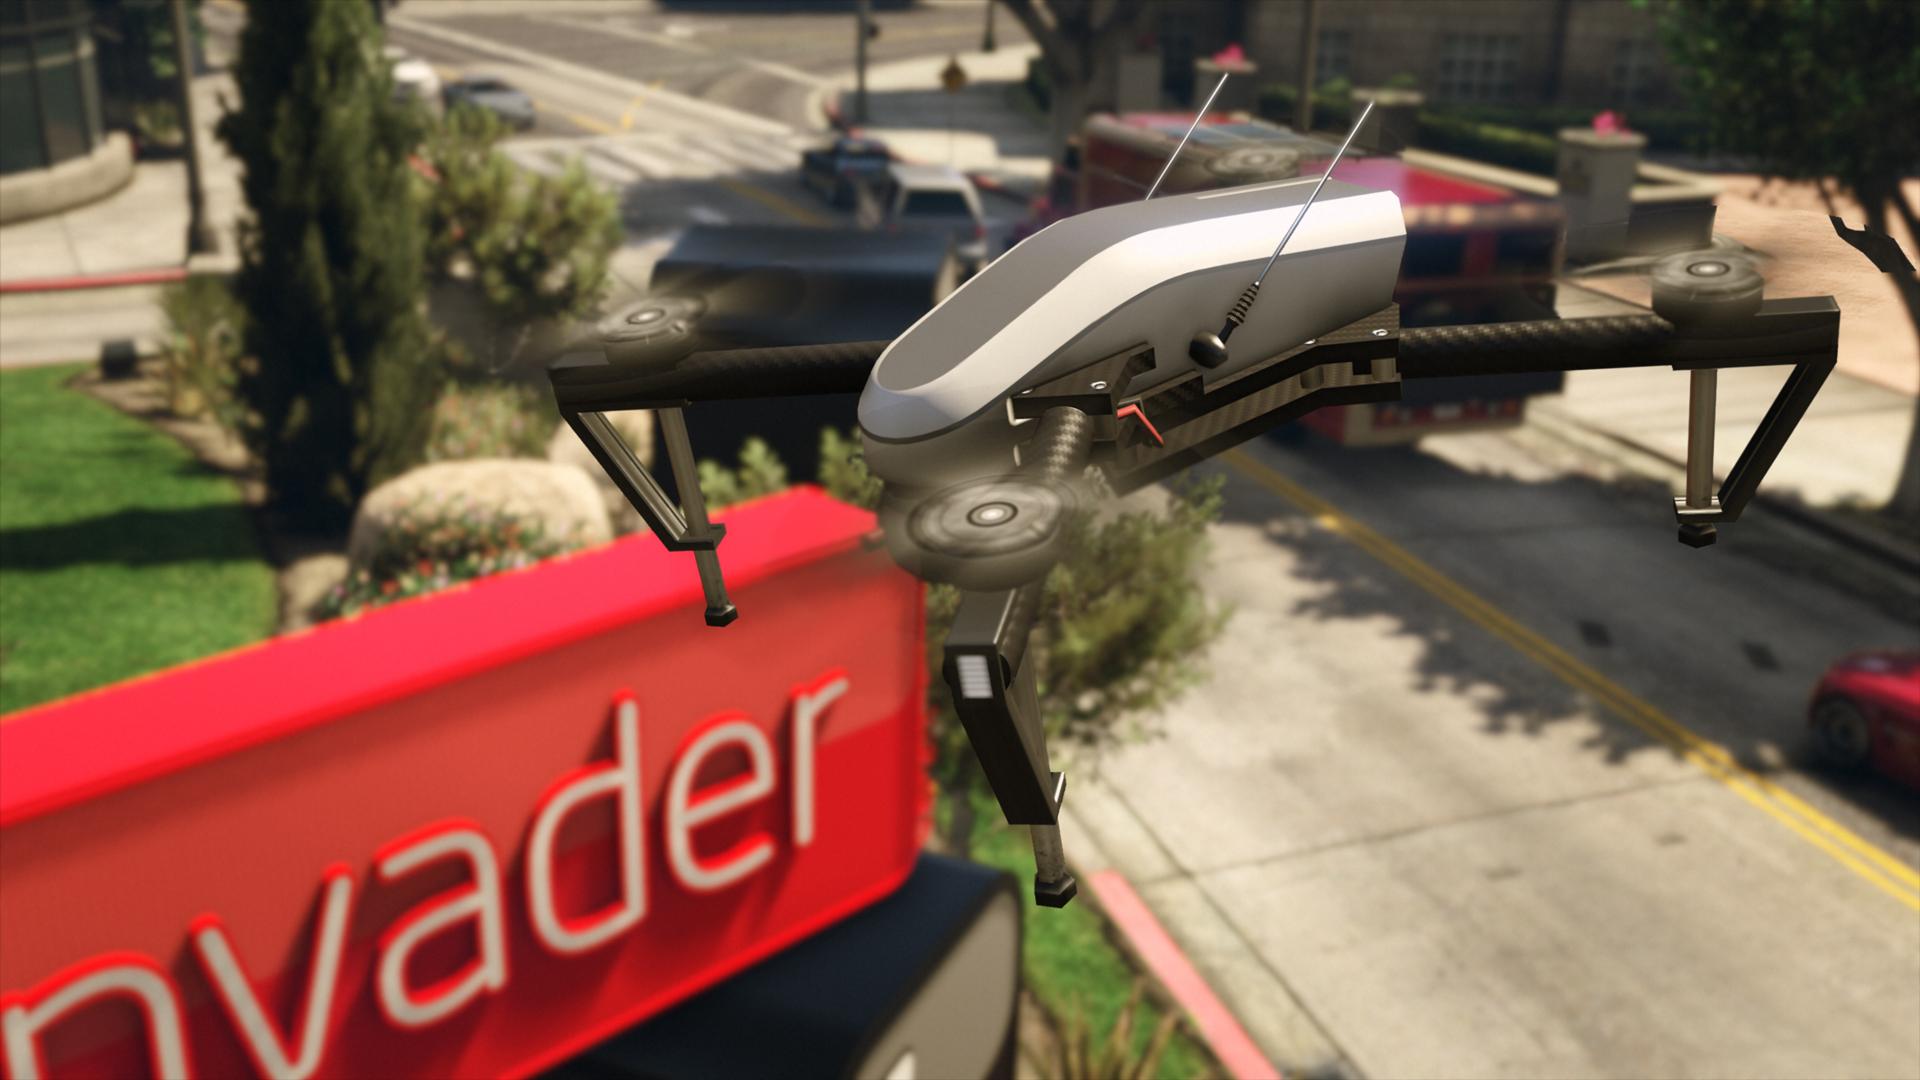 Drone survolant l'enseigne de LifeInvader